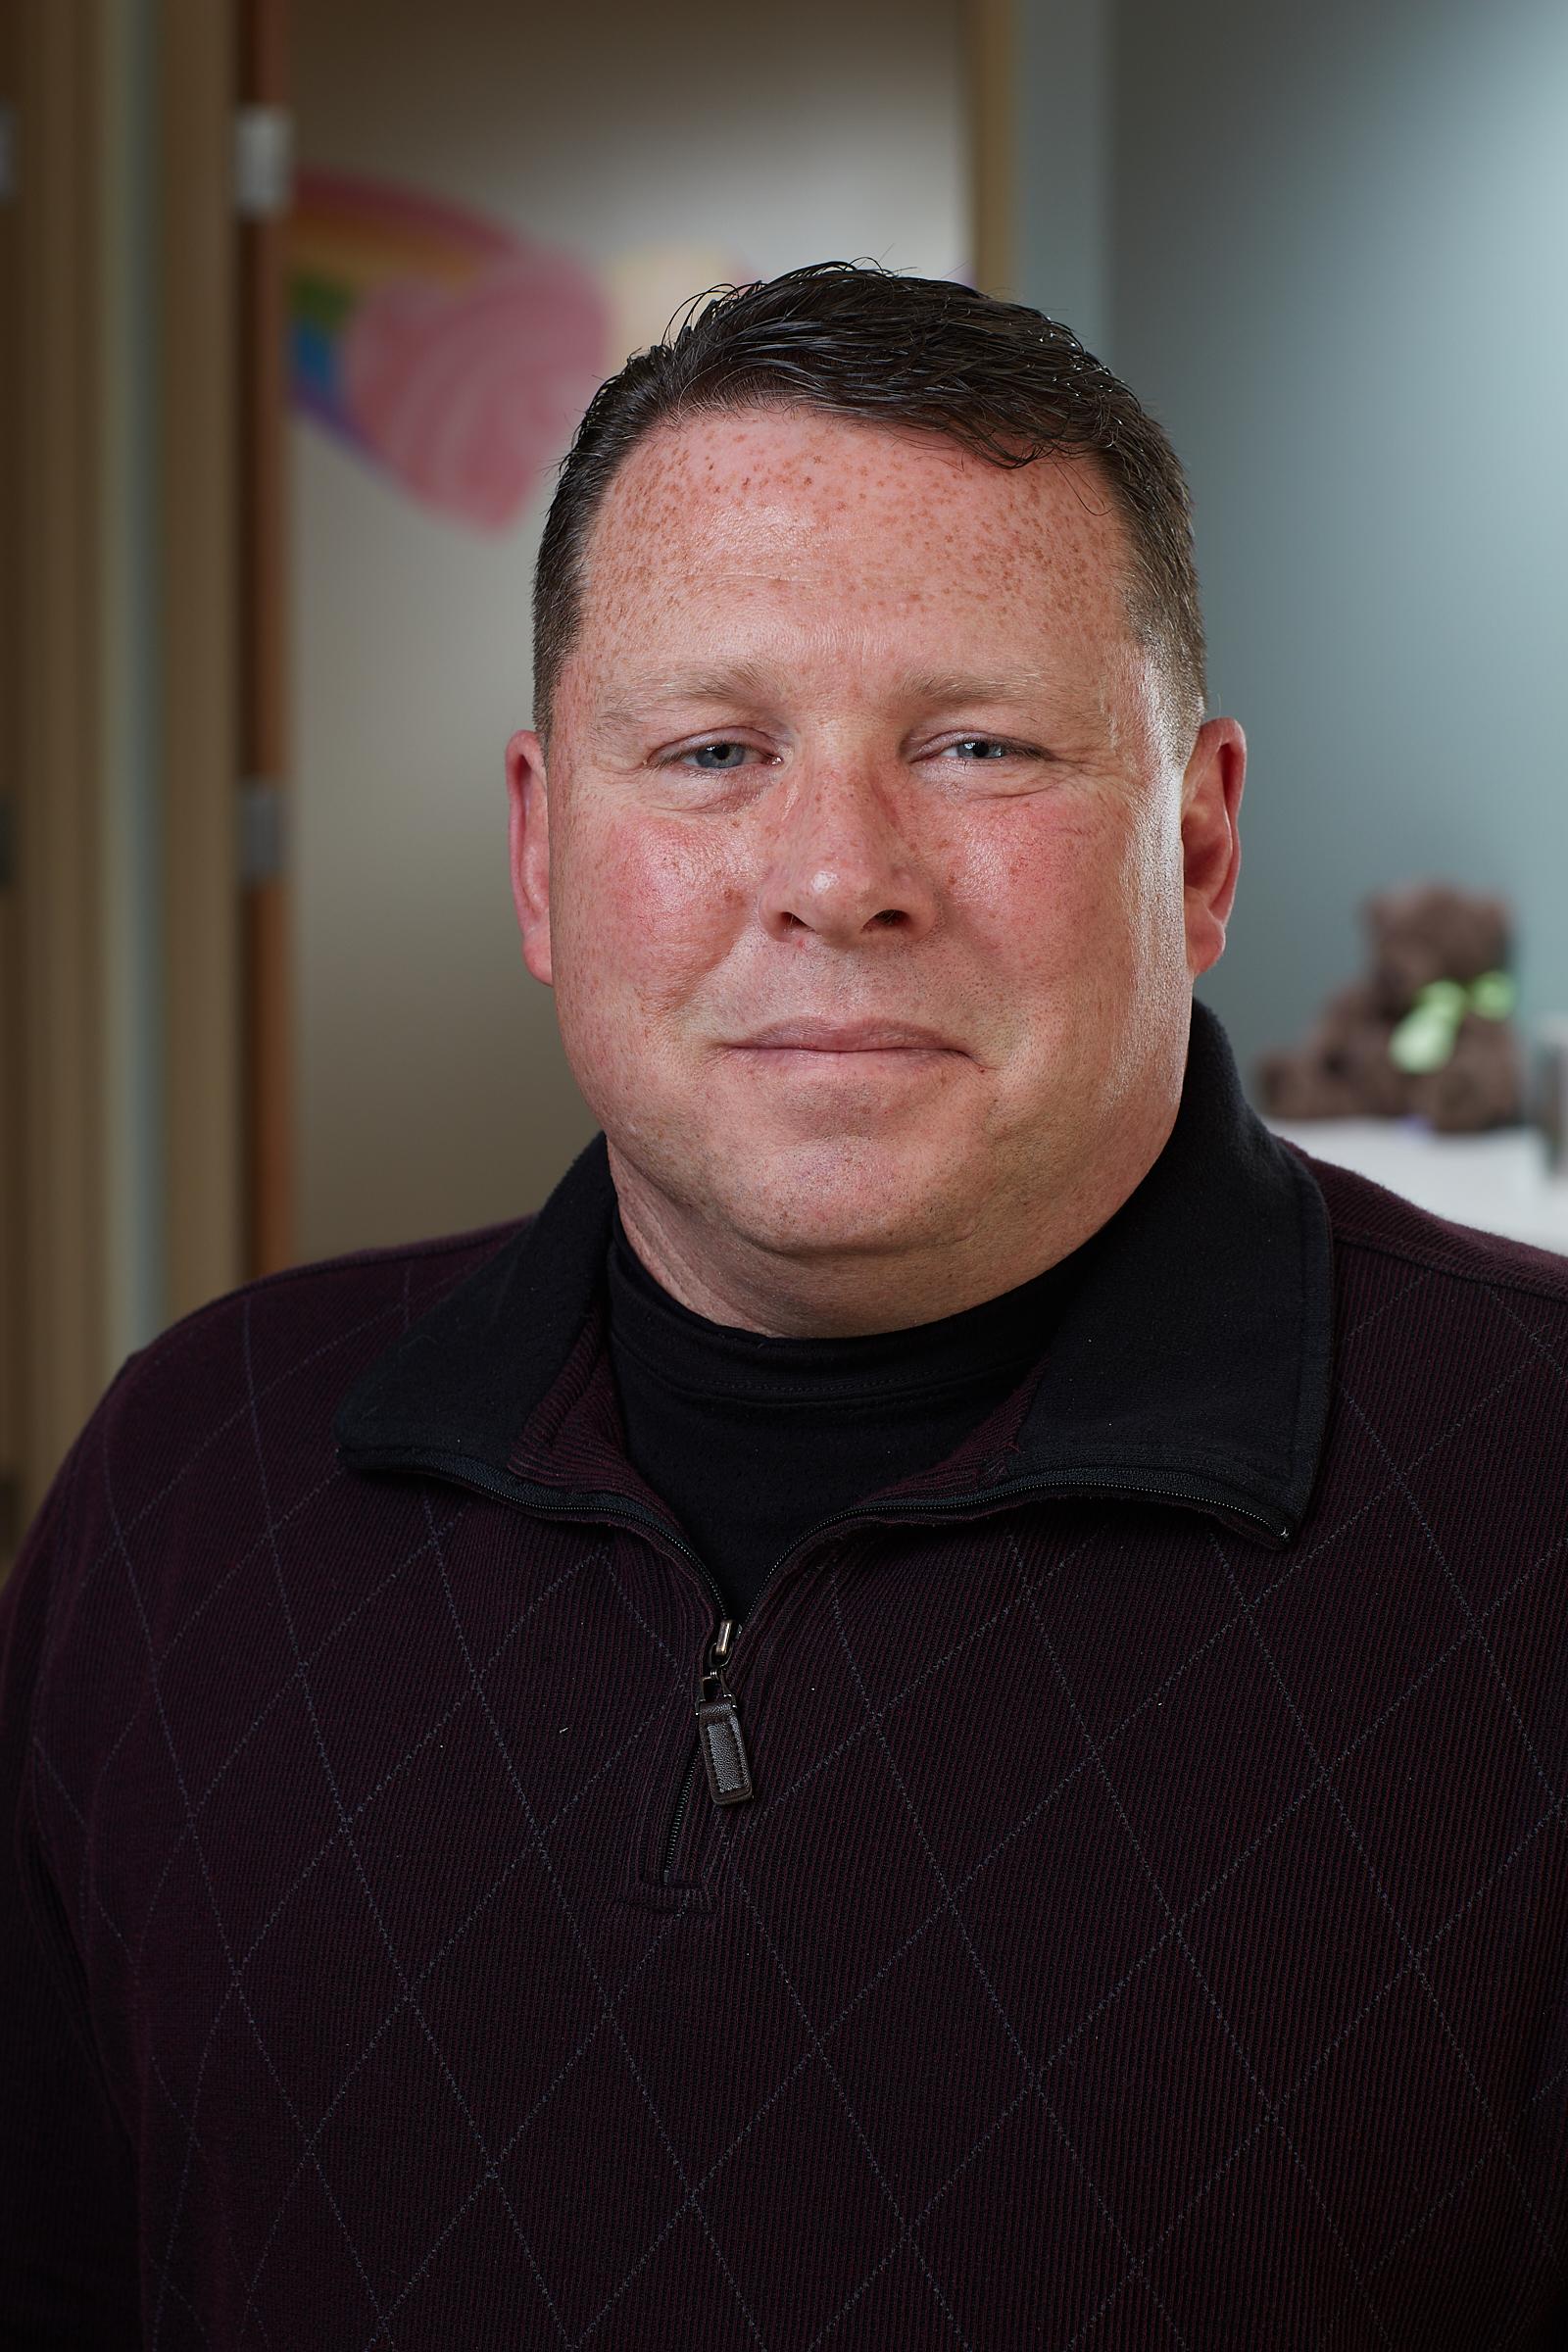 Jeff Wabler